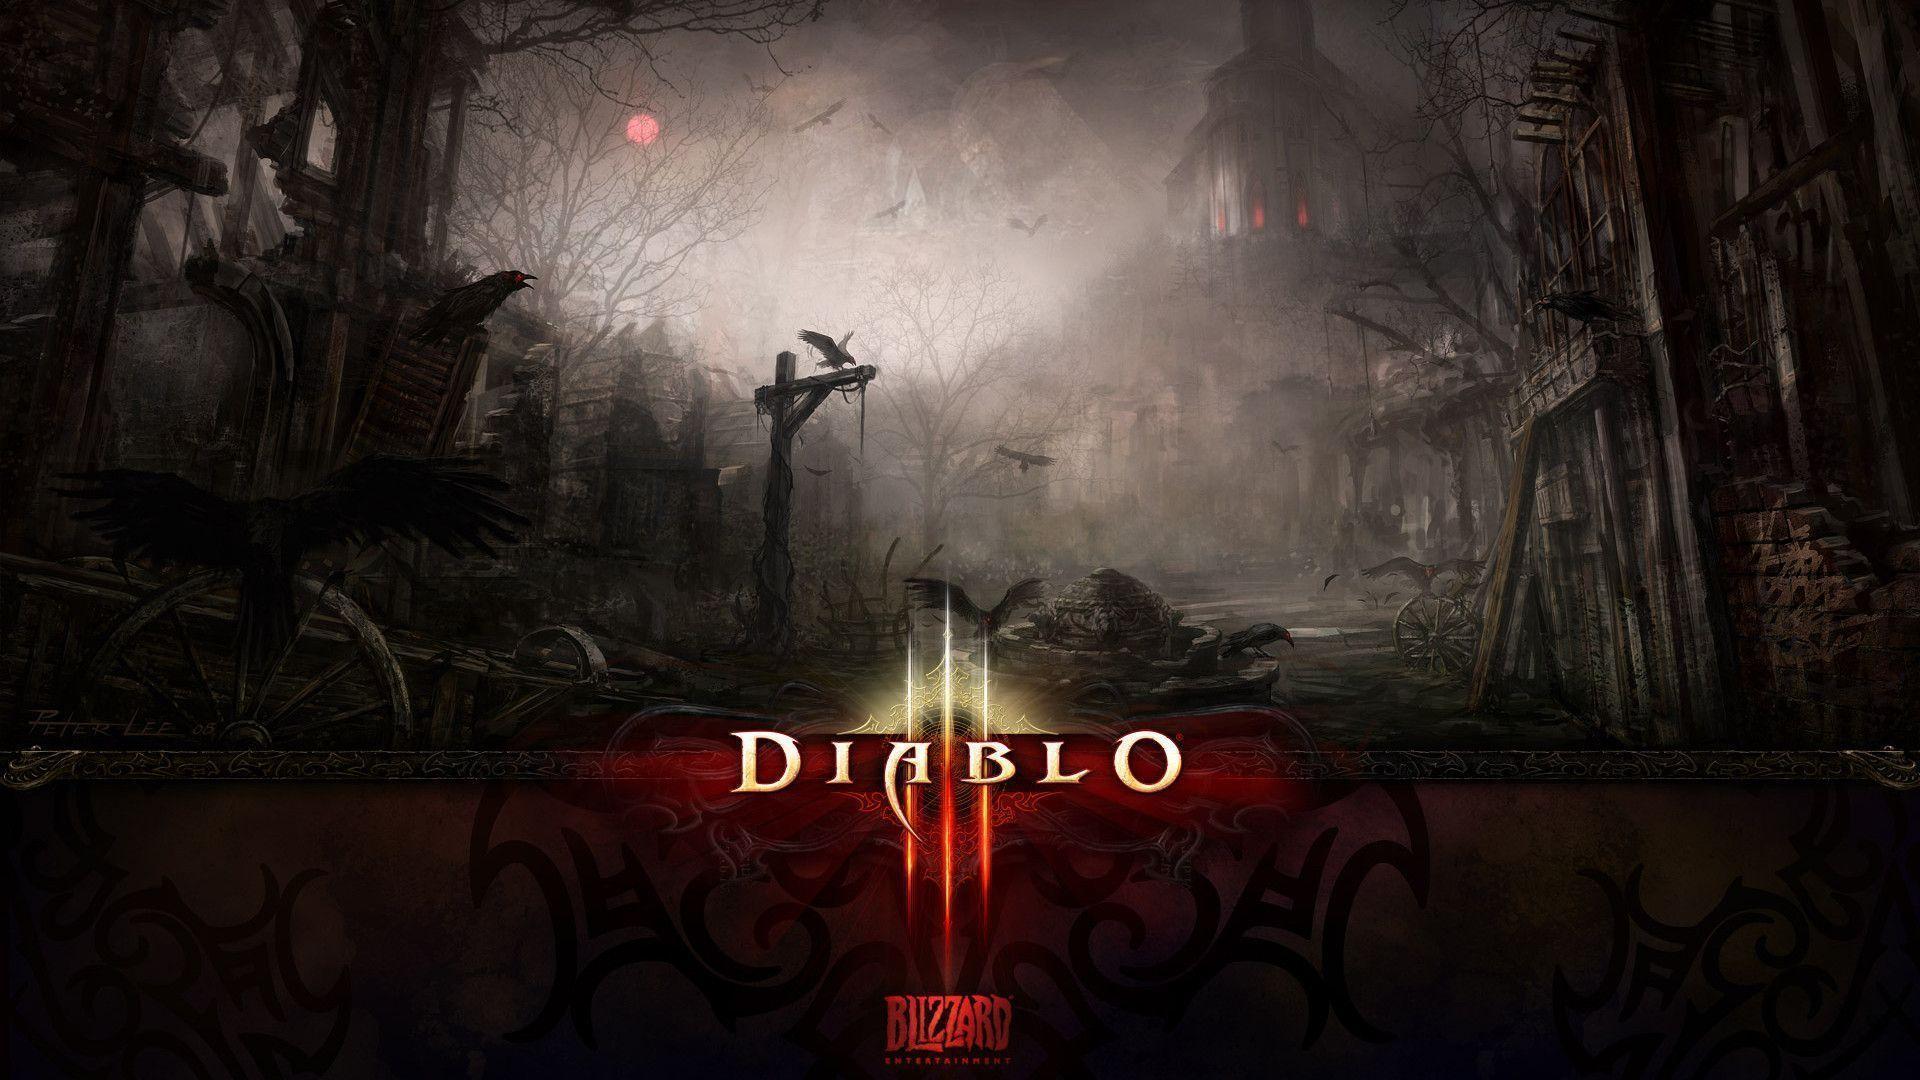 Diablo III Wallpapers in HD